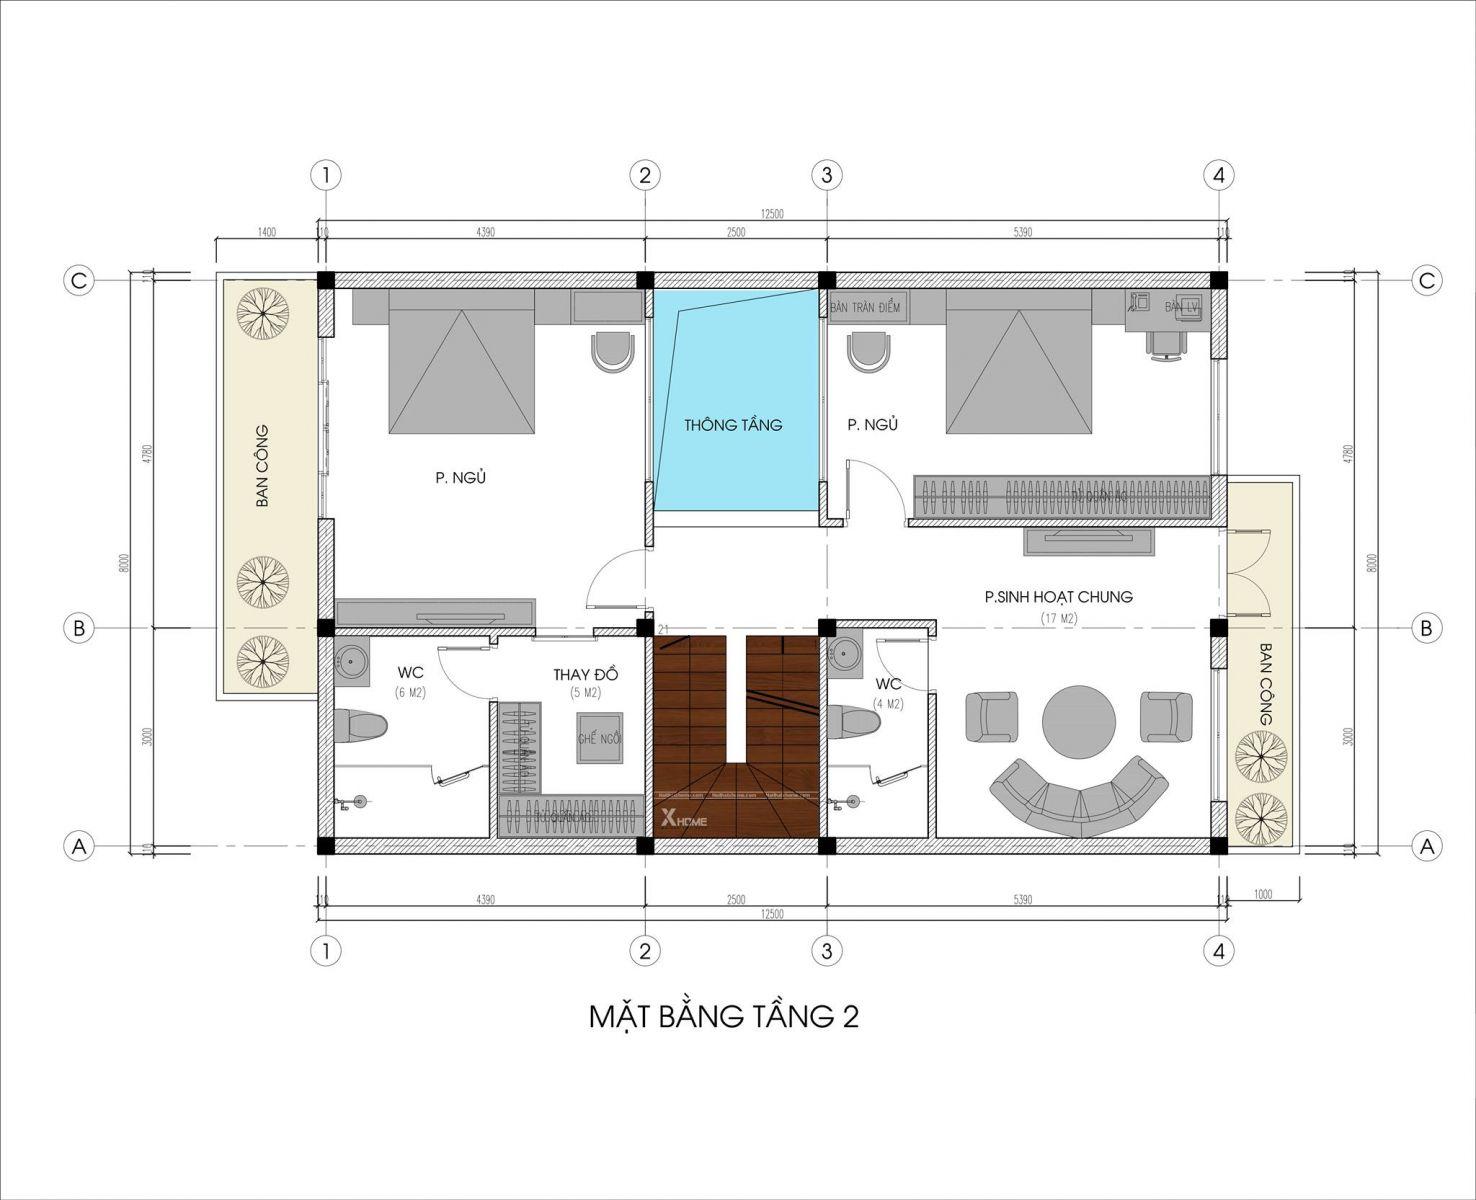 Mặt bằng tầng 2 biệt thự 3 tầng mái bằng